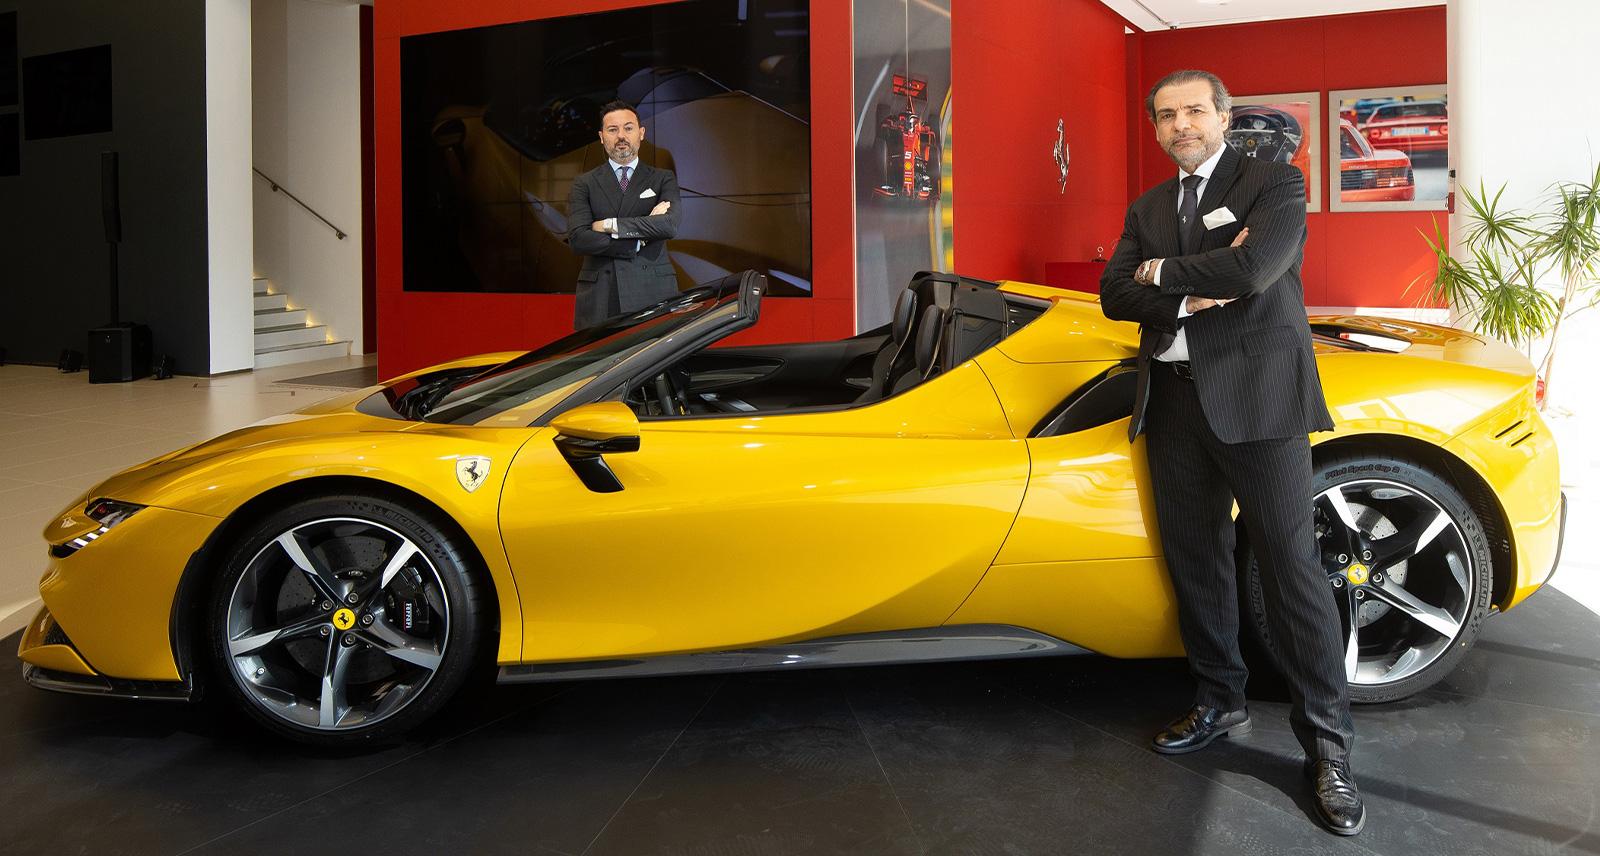 Premier Motors Previews Dedicated Ferrari Showroom in Abu Dhabi